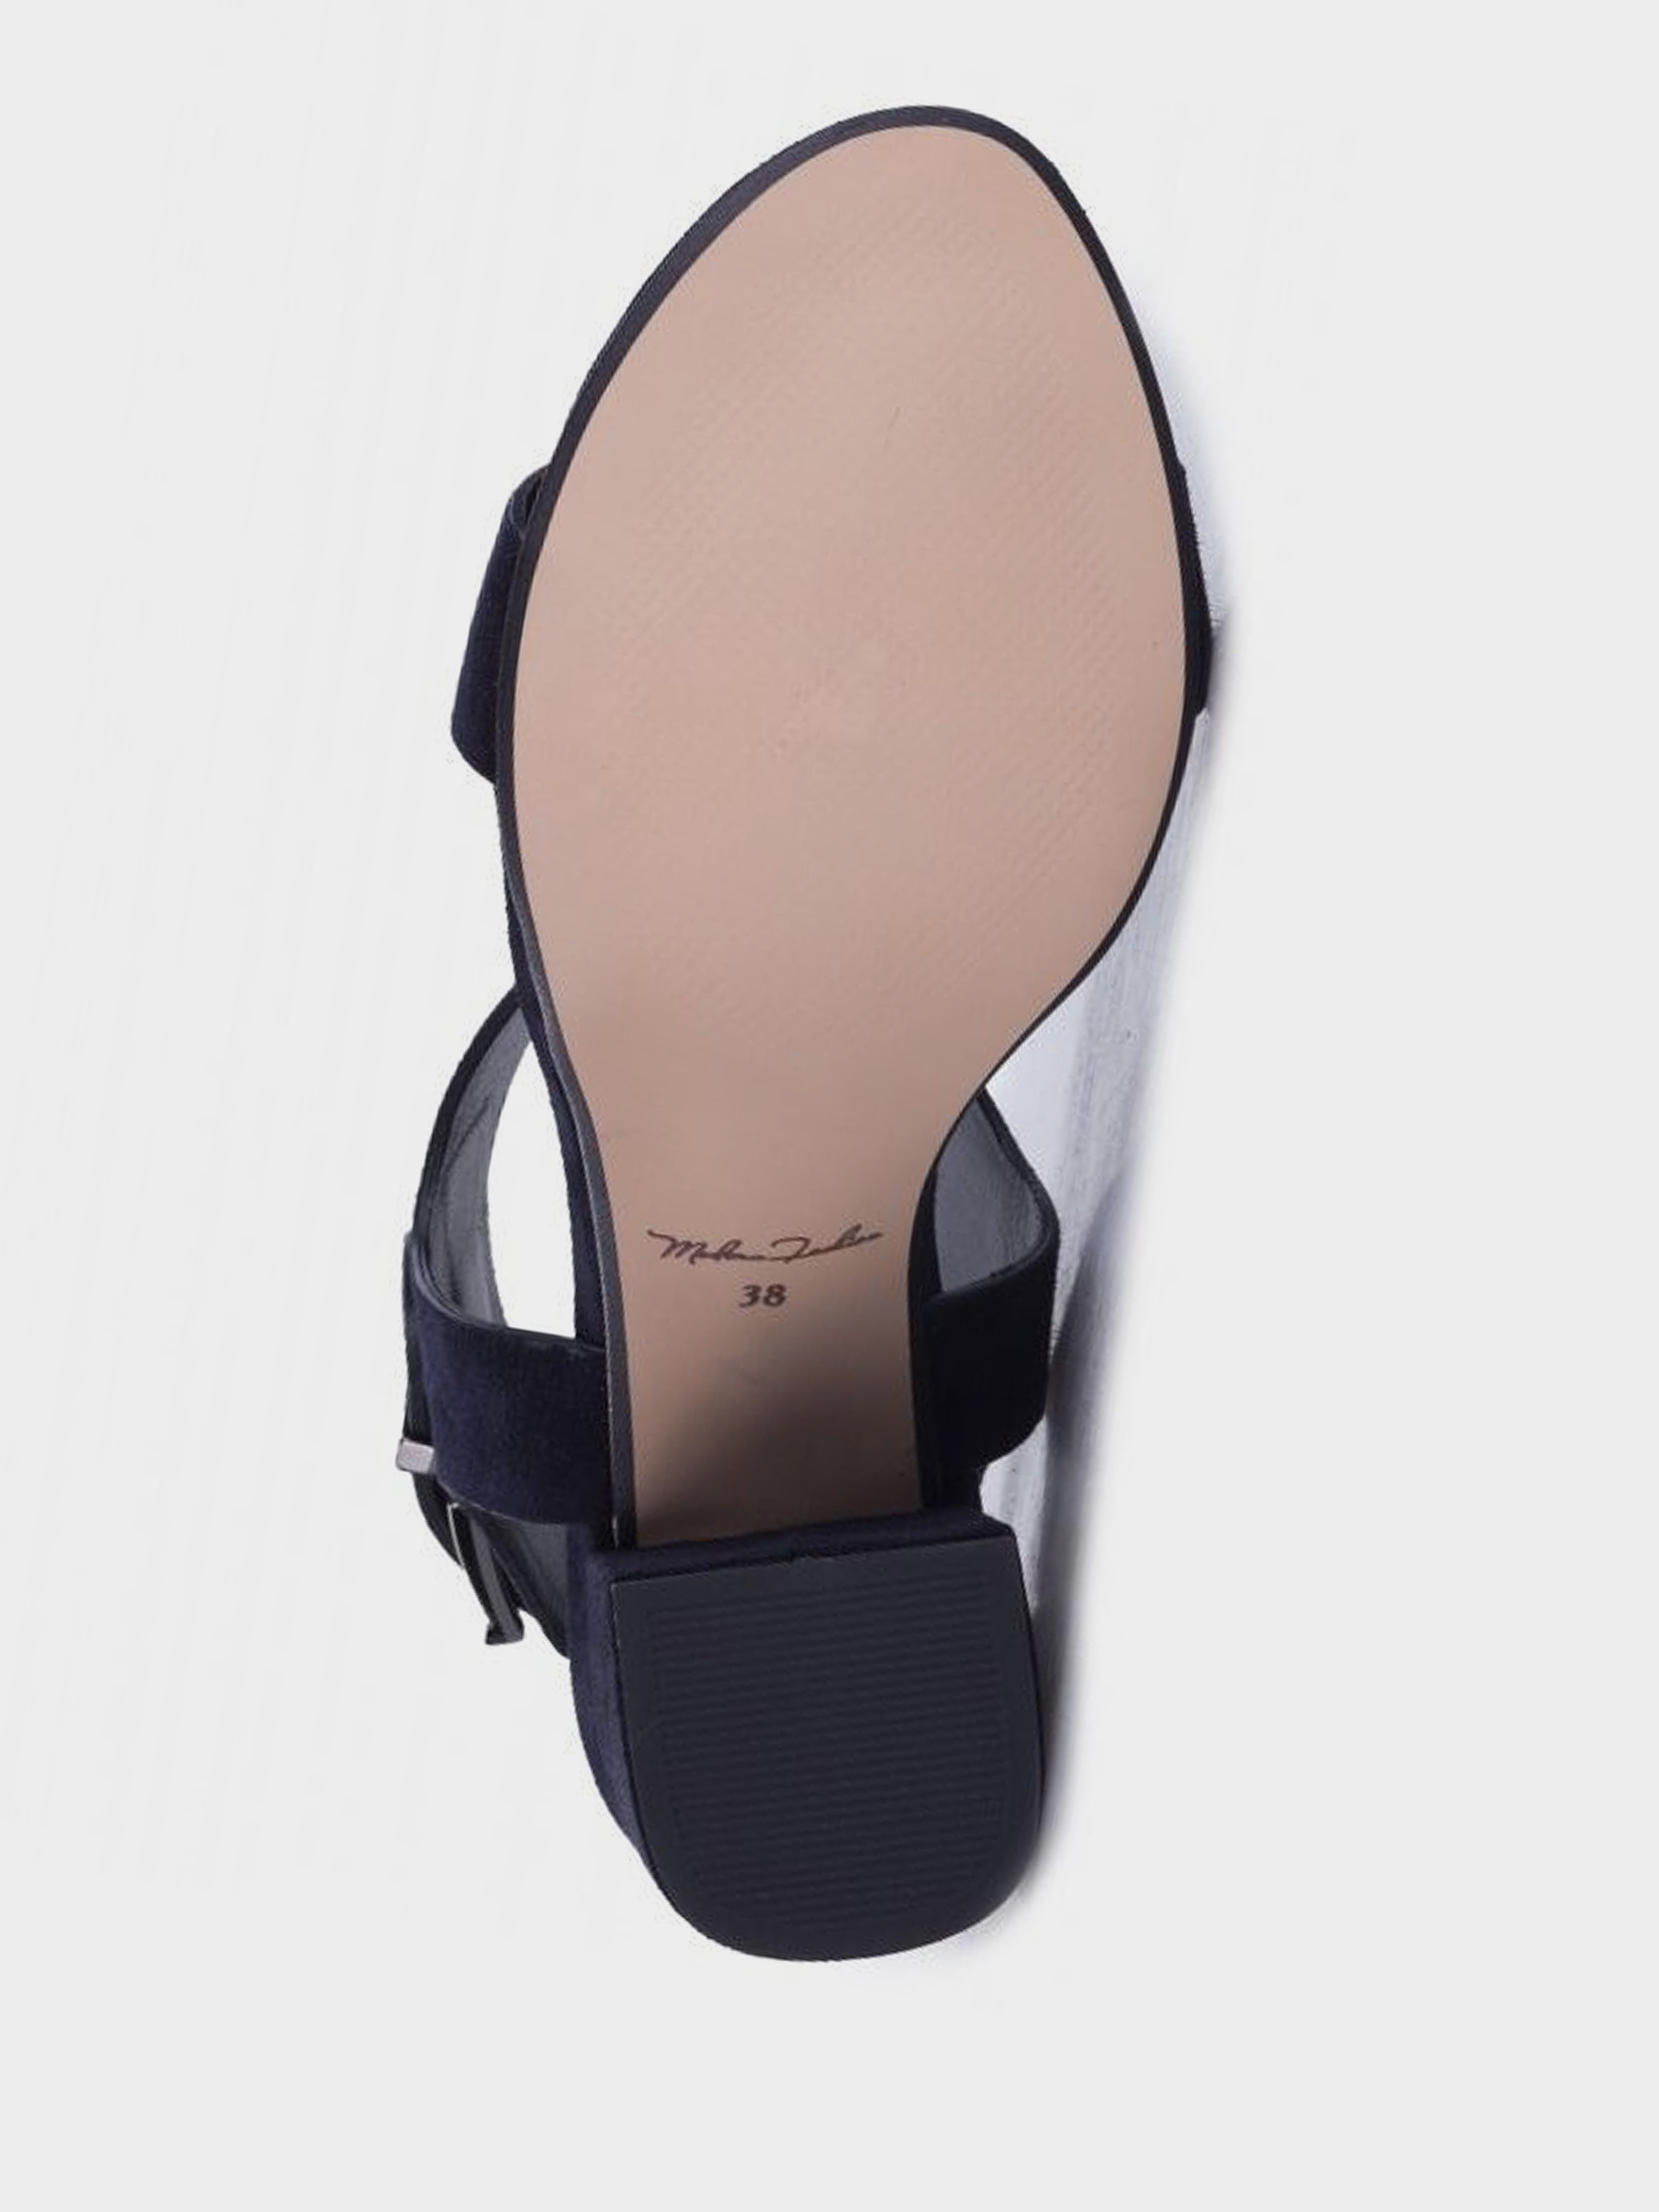 Босоножки для женщин Viko 9W24 брендовые, 2017